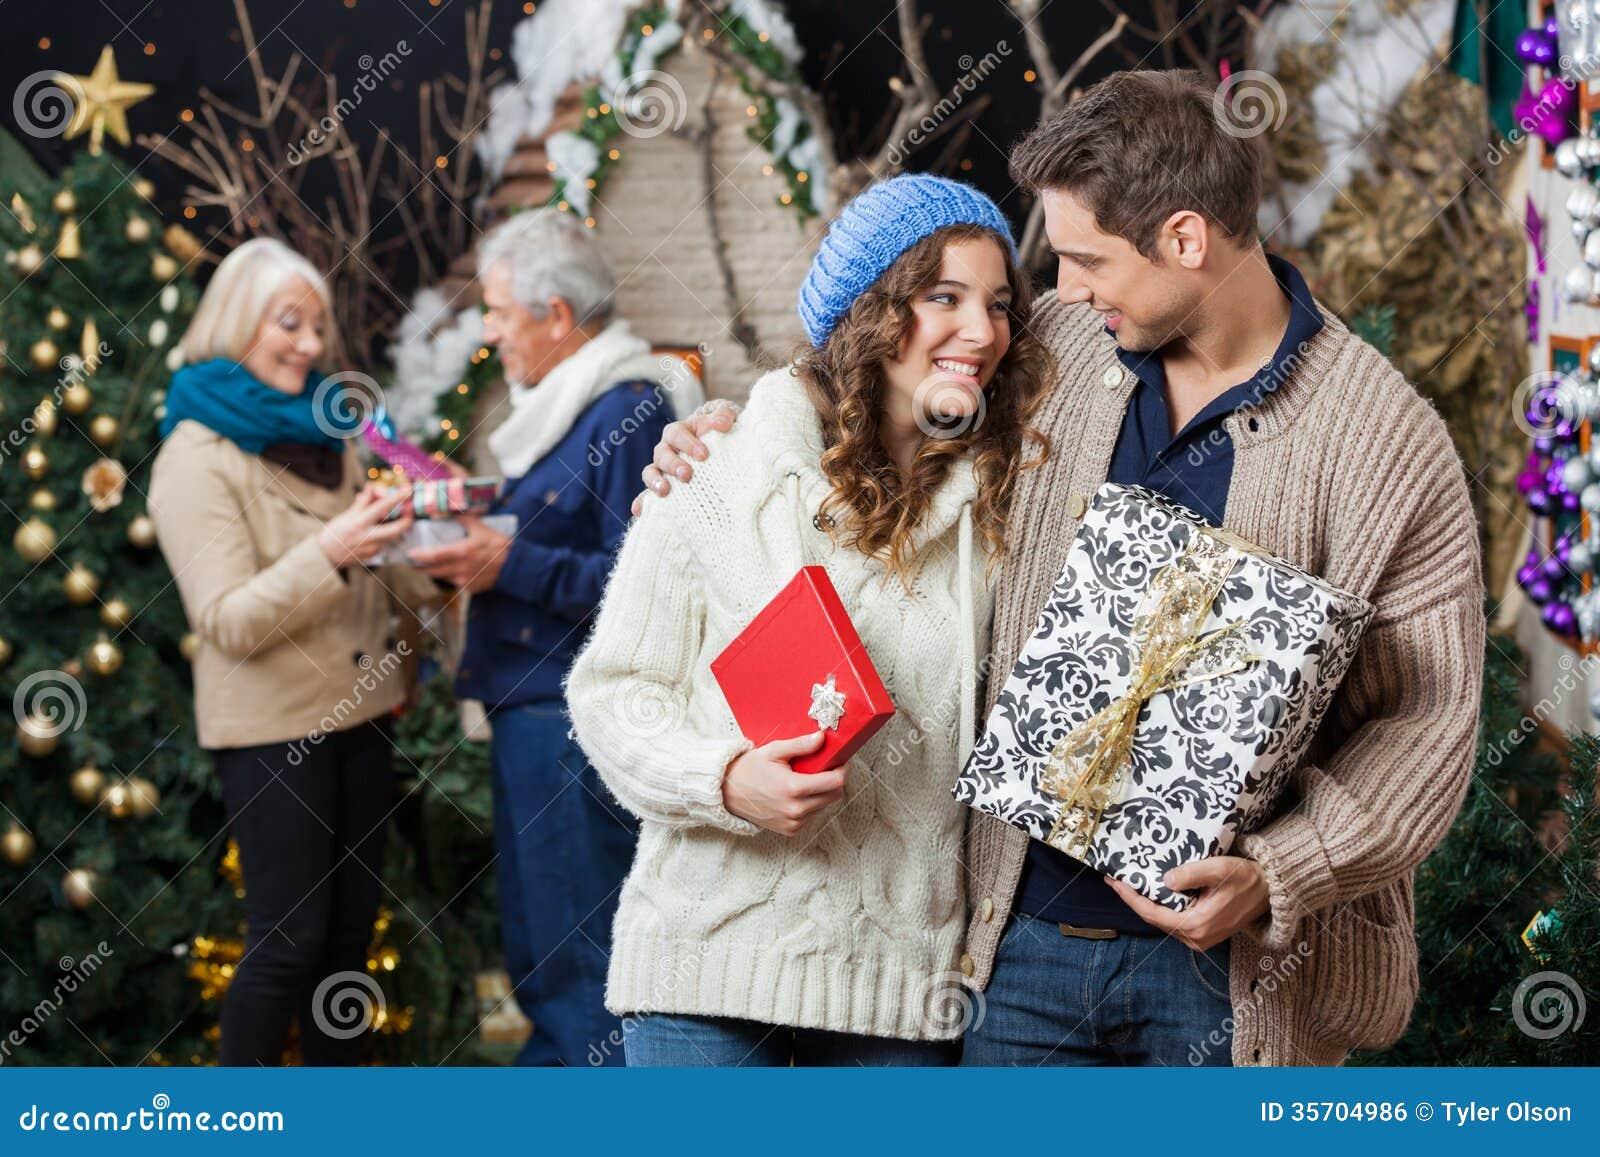 Weihnachtsgeschenke Paare